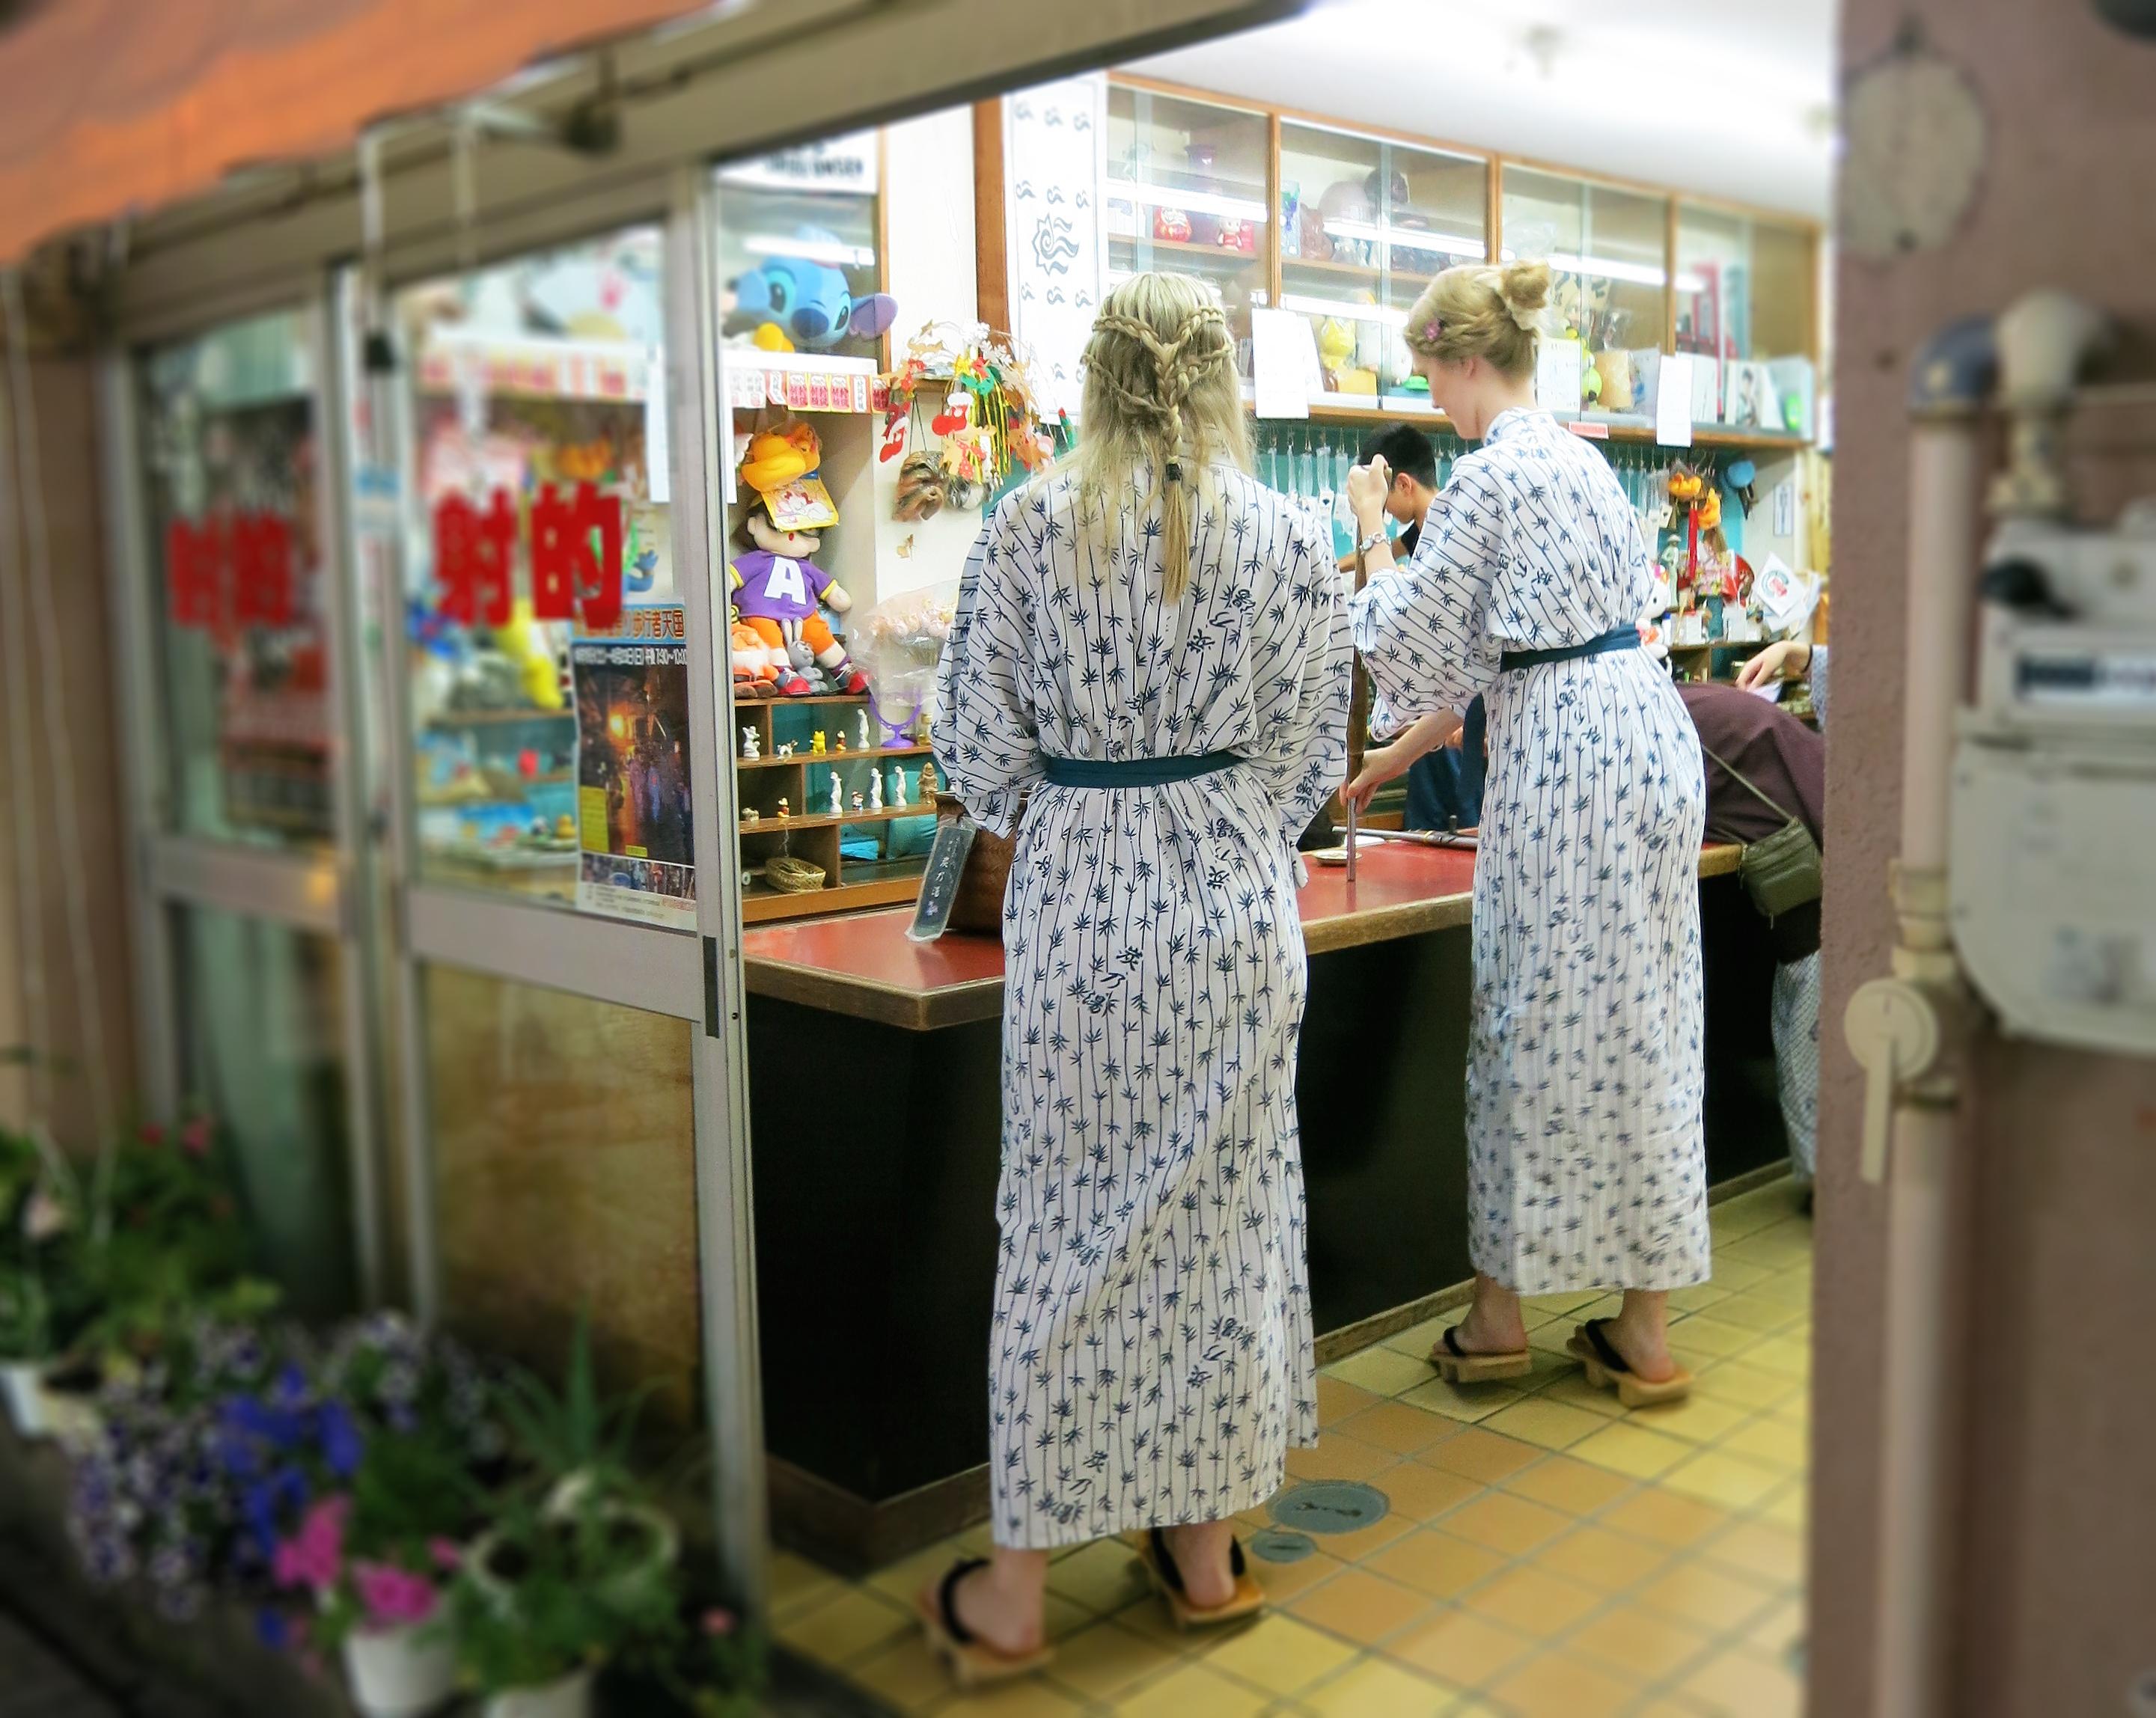 長野の温泉街ランキングTOP11!散策や食べ歩き・射的などで楽しもう